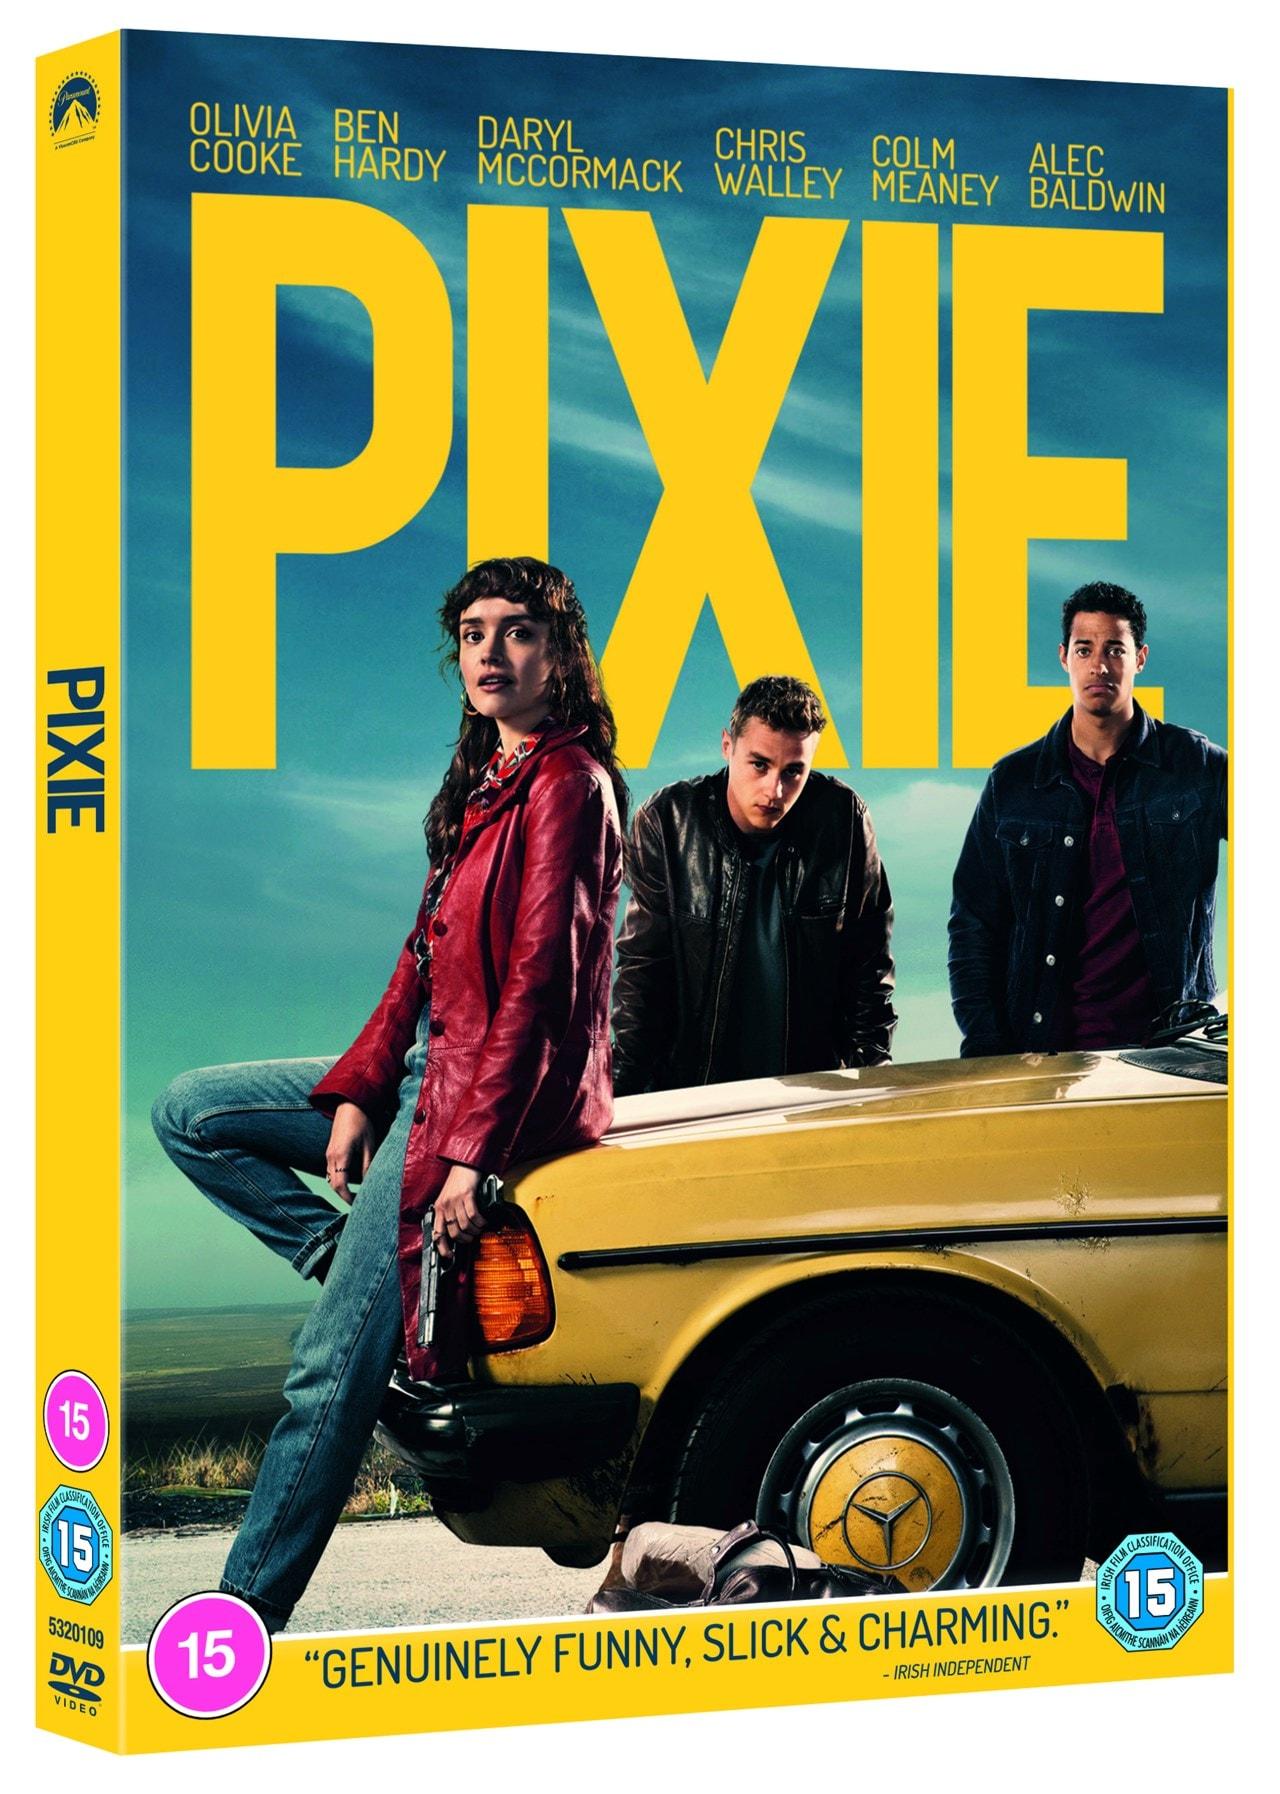 Pixie - 2